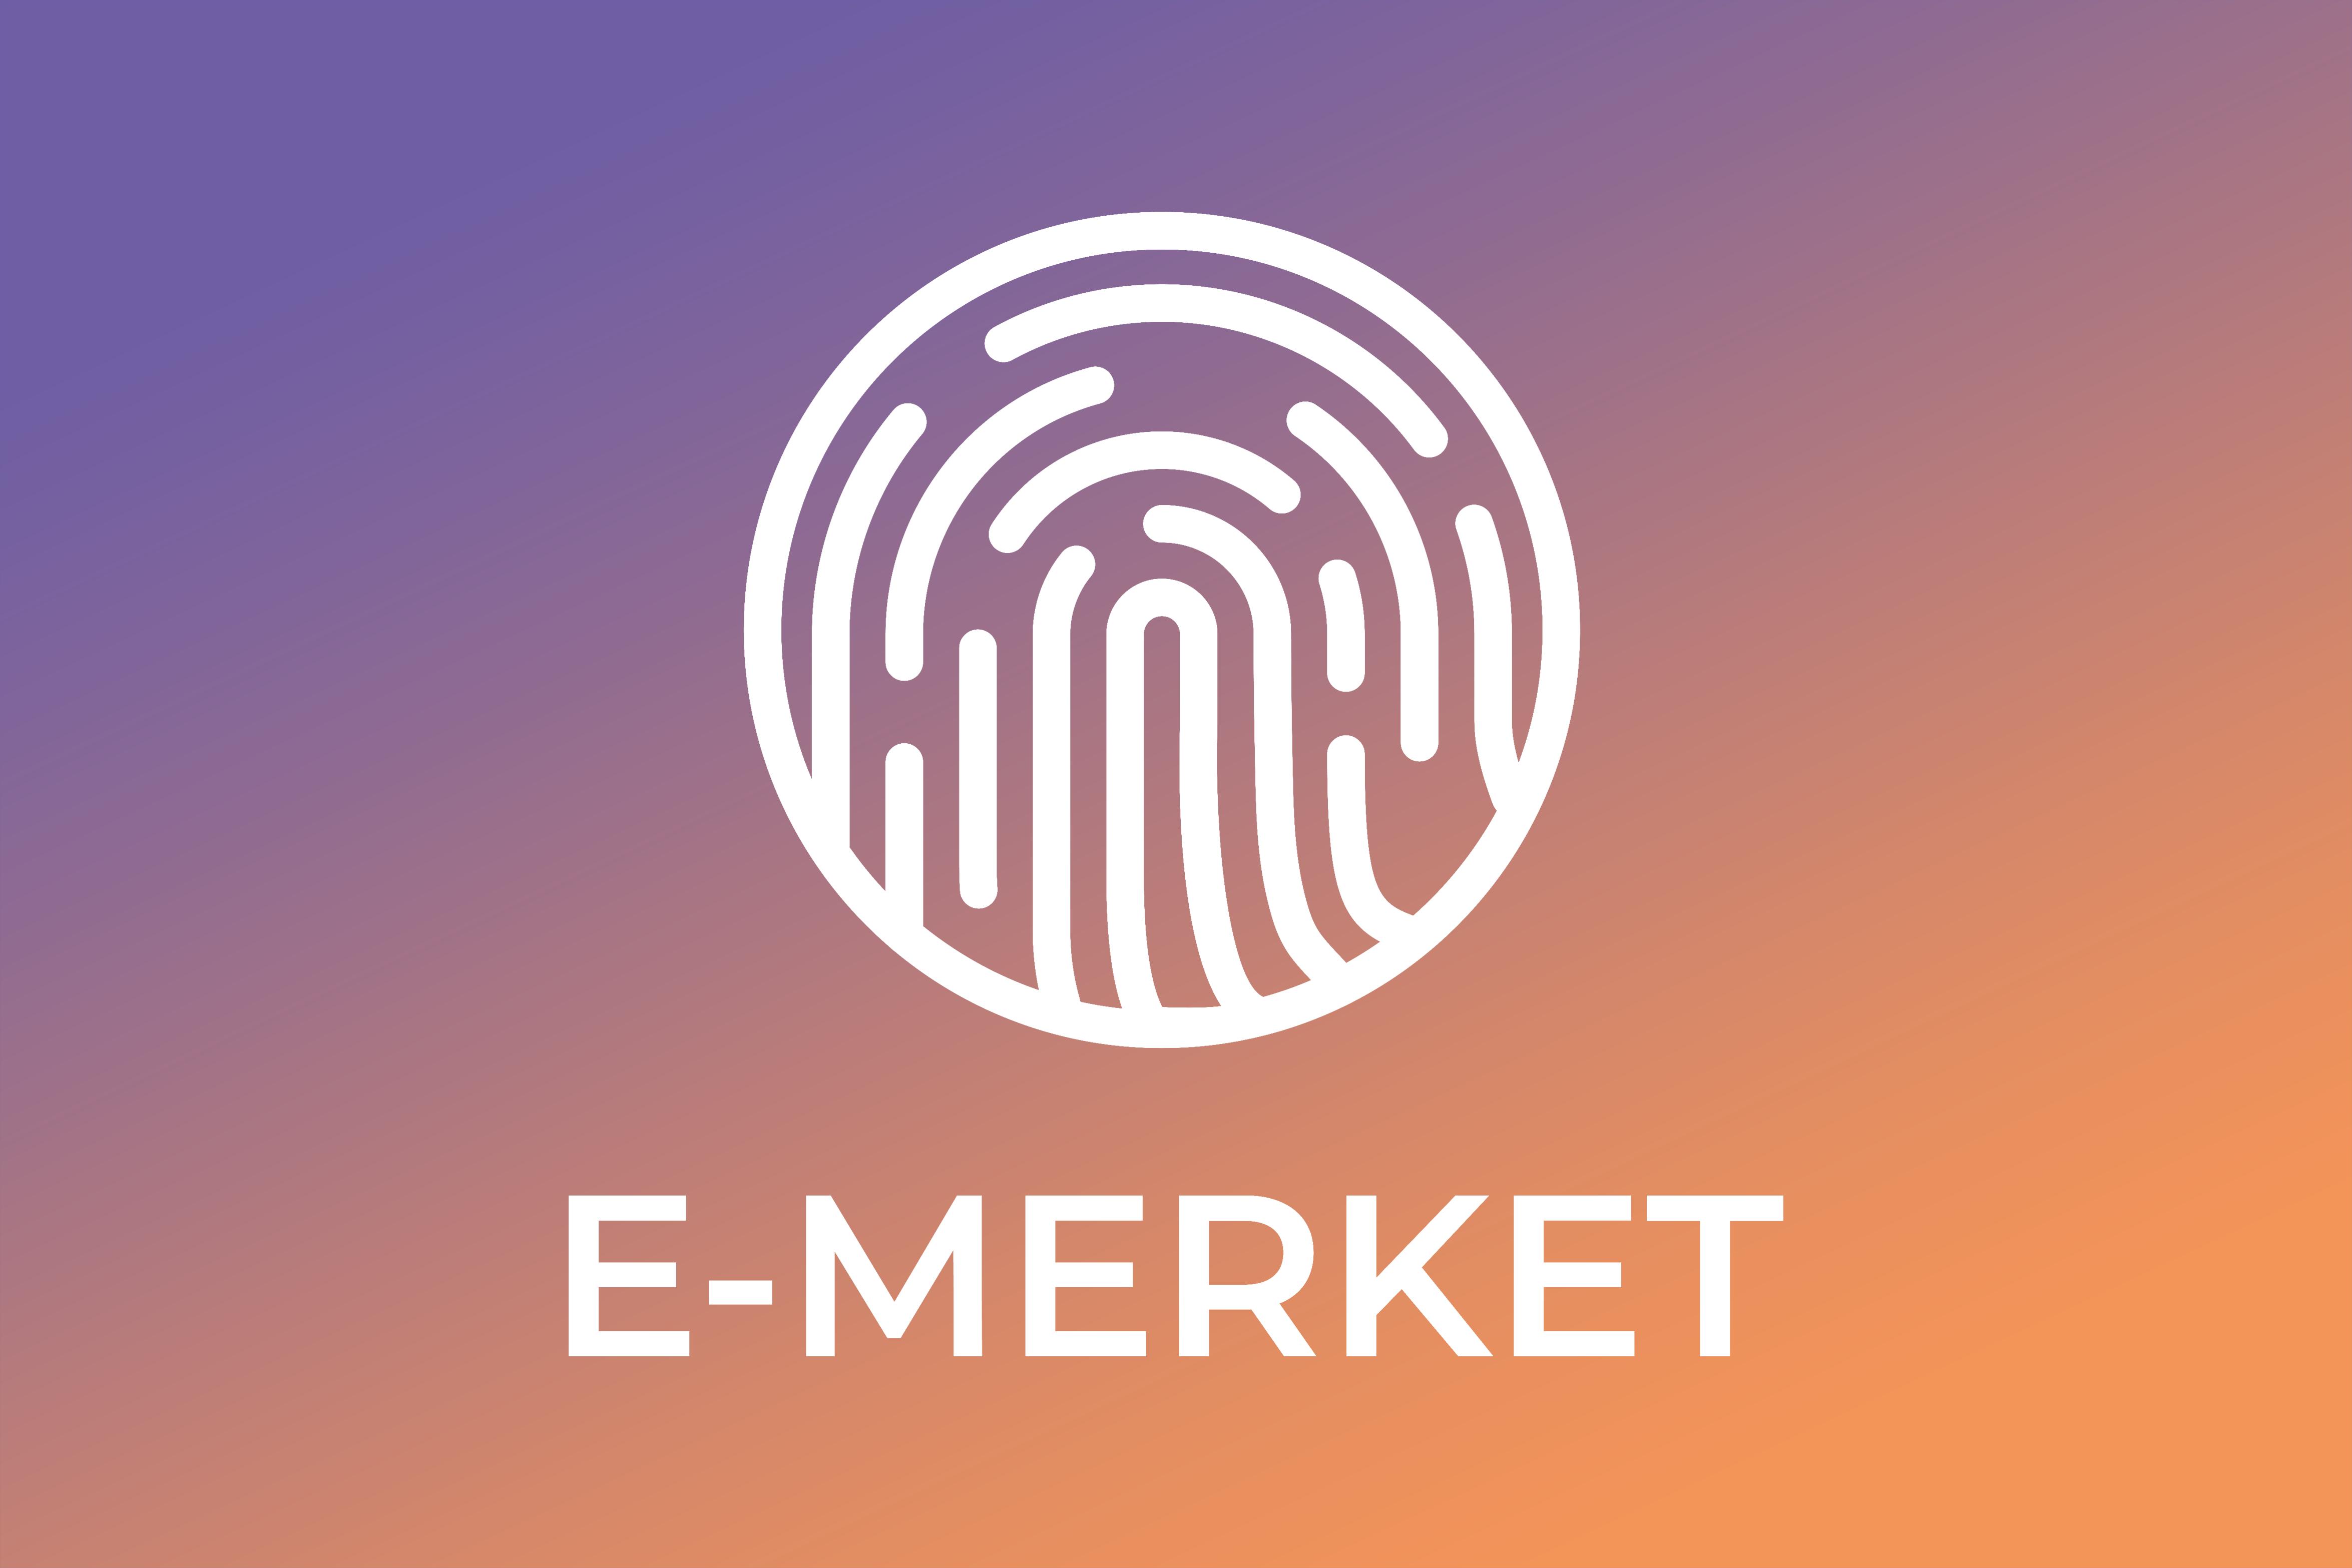 E-merket - Sikkerhetsmerking av nettsider og nettbutikker